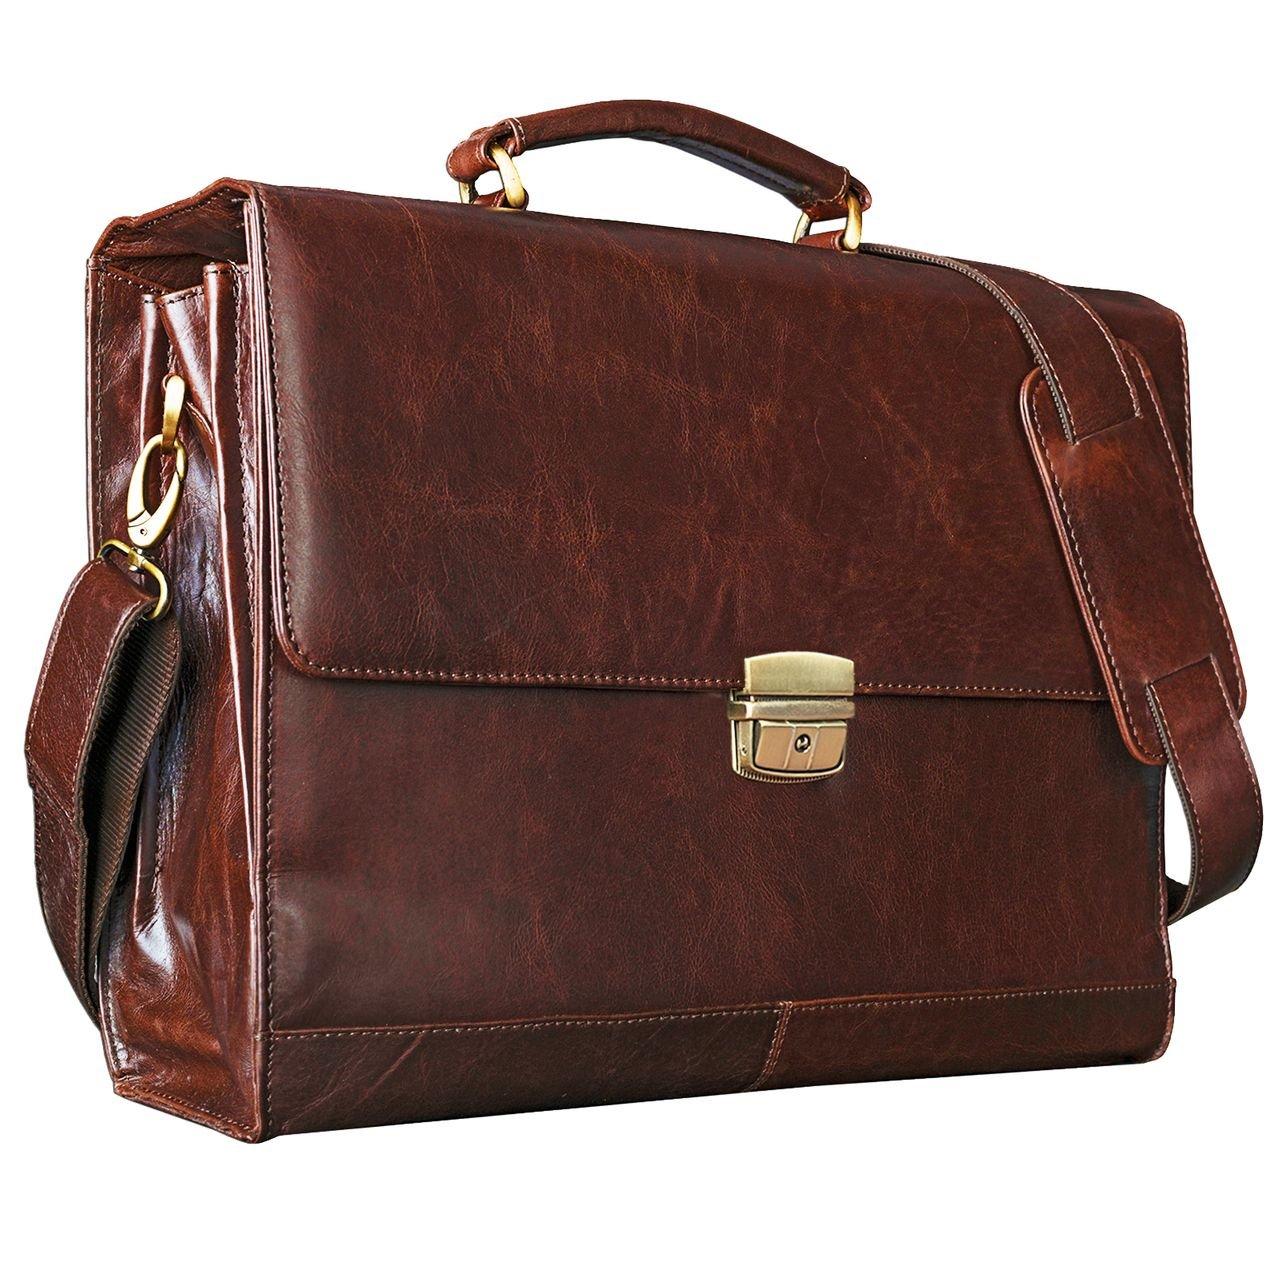 STILORD 'Philipp' Ventiquattrore pelle vintage per un PC portatile 15,6 pollici Cartella porta PC 15,6 ' marrone Borsa da lavoro portadocumenti, Colore:marrone - antico